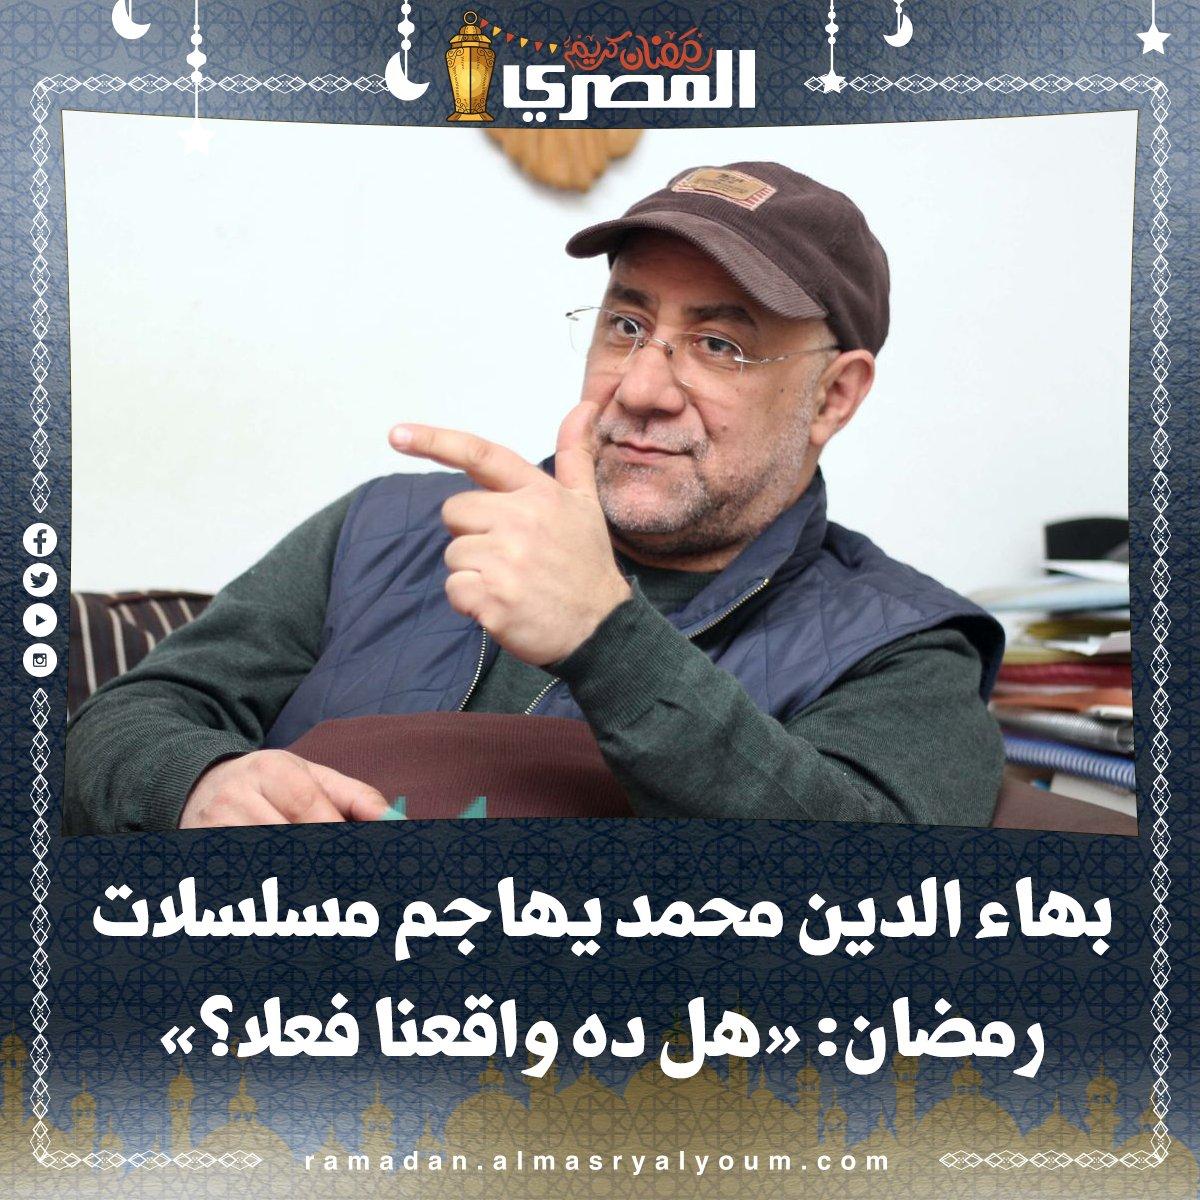 بهاء الدين محمد يهاجم مسلسلات رمضان «هل ده واقعنا فعلا؟»